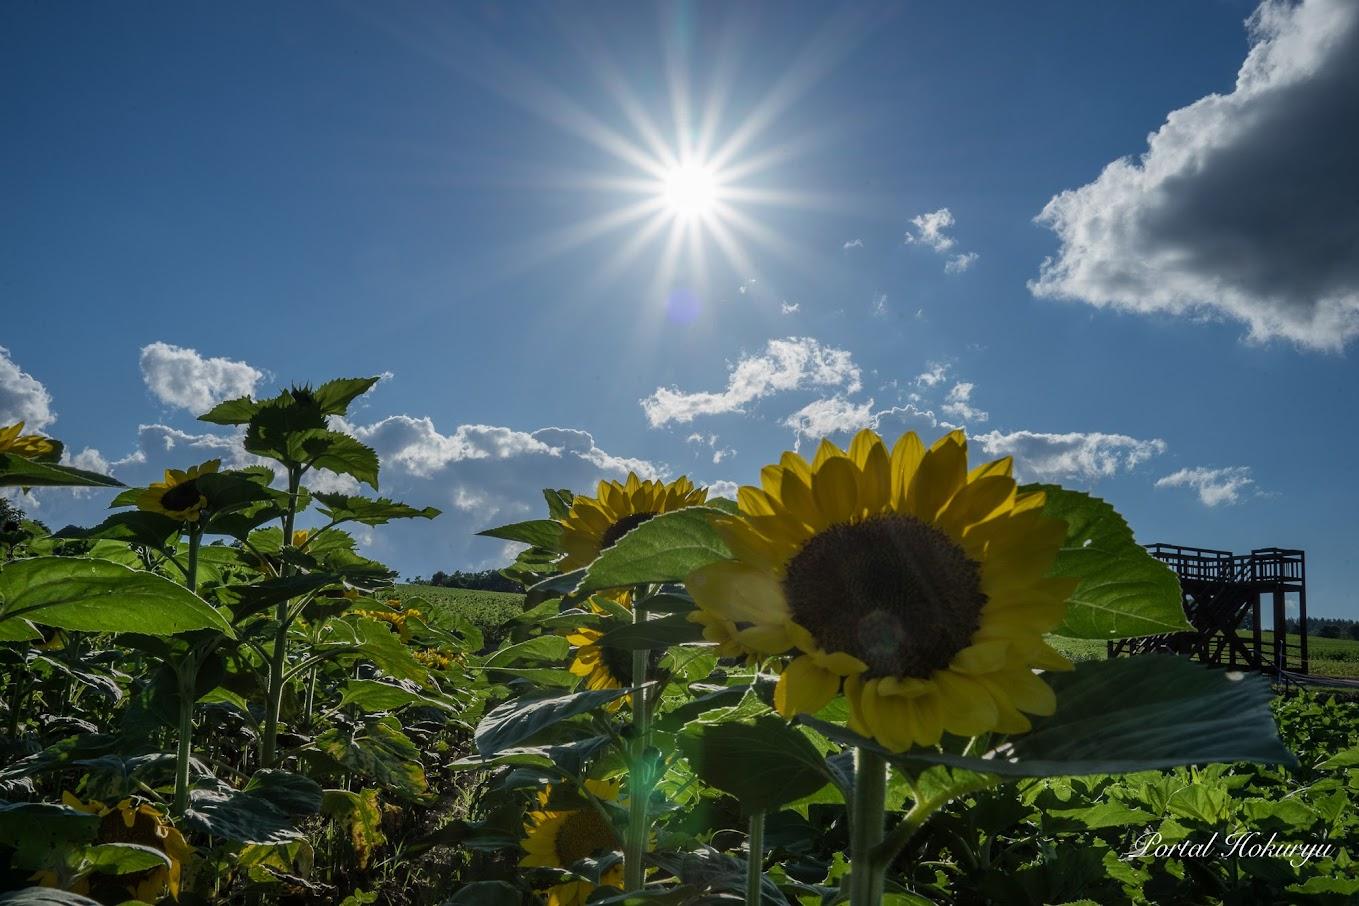 燦々と降り注ぐ陽を浴びて